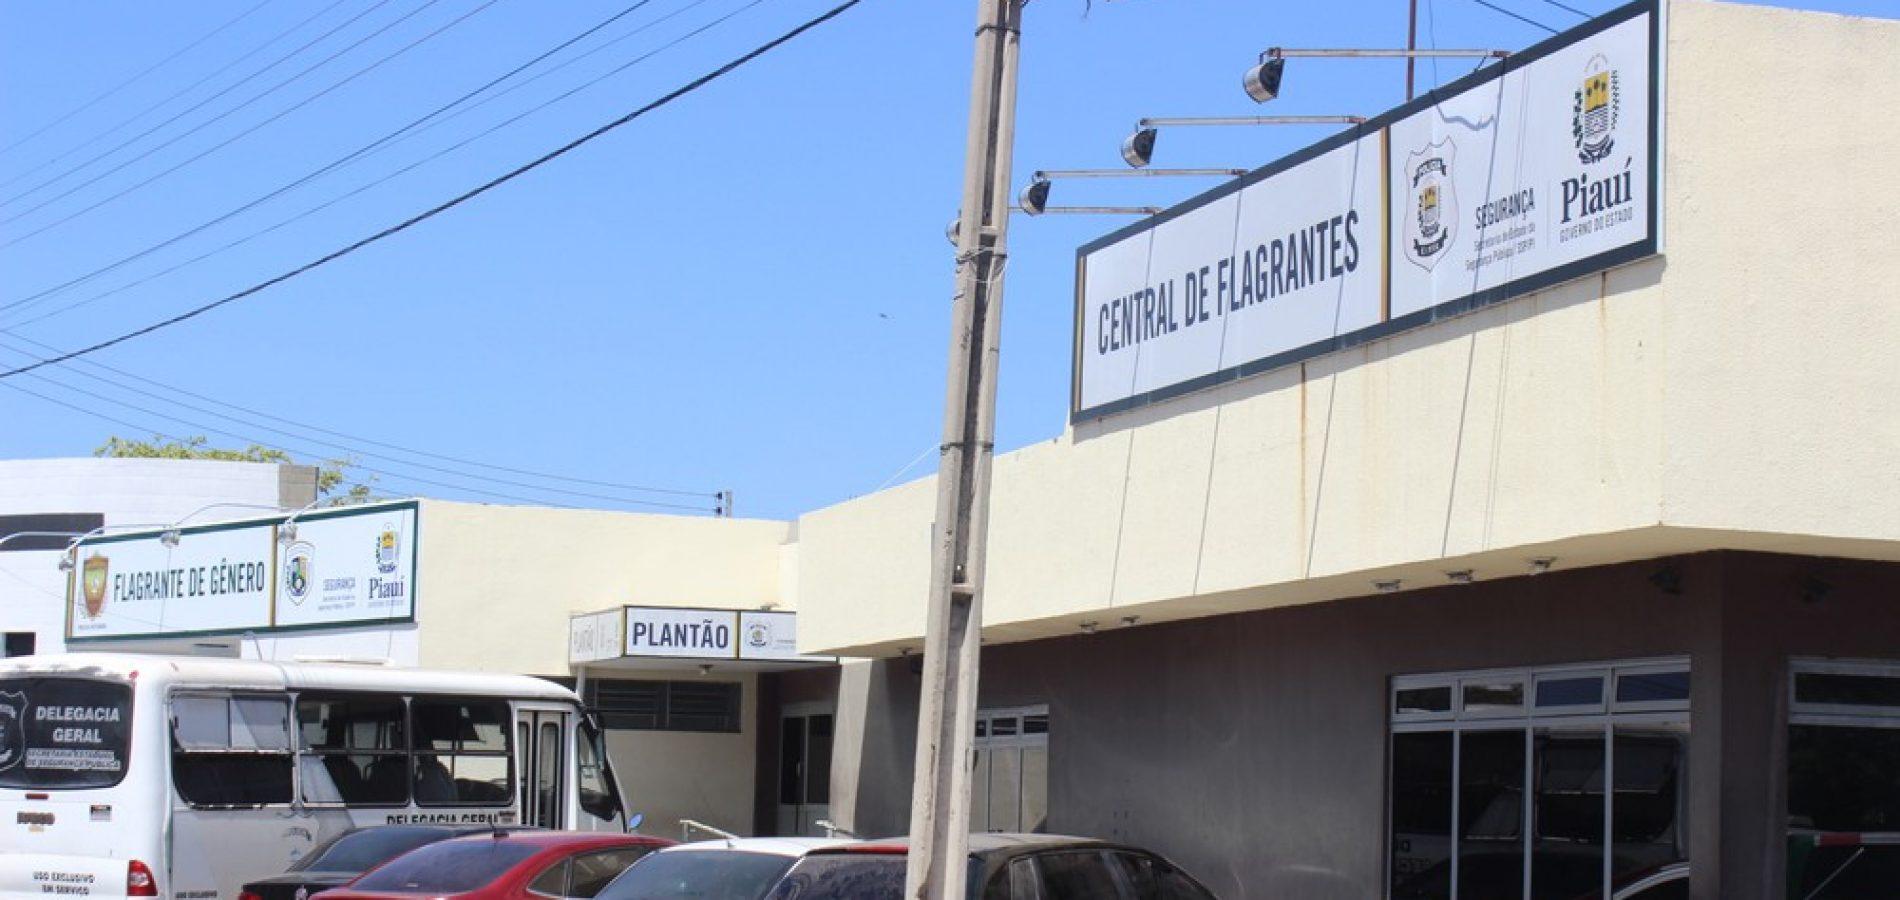 Suspeito de homicídio é preso minutos depois do crime no interior do Piauí